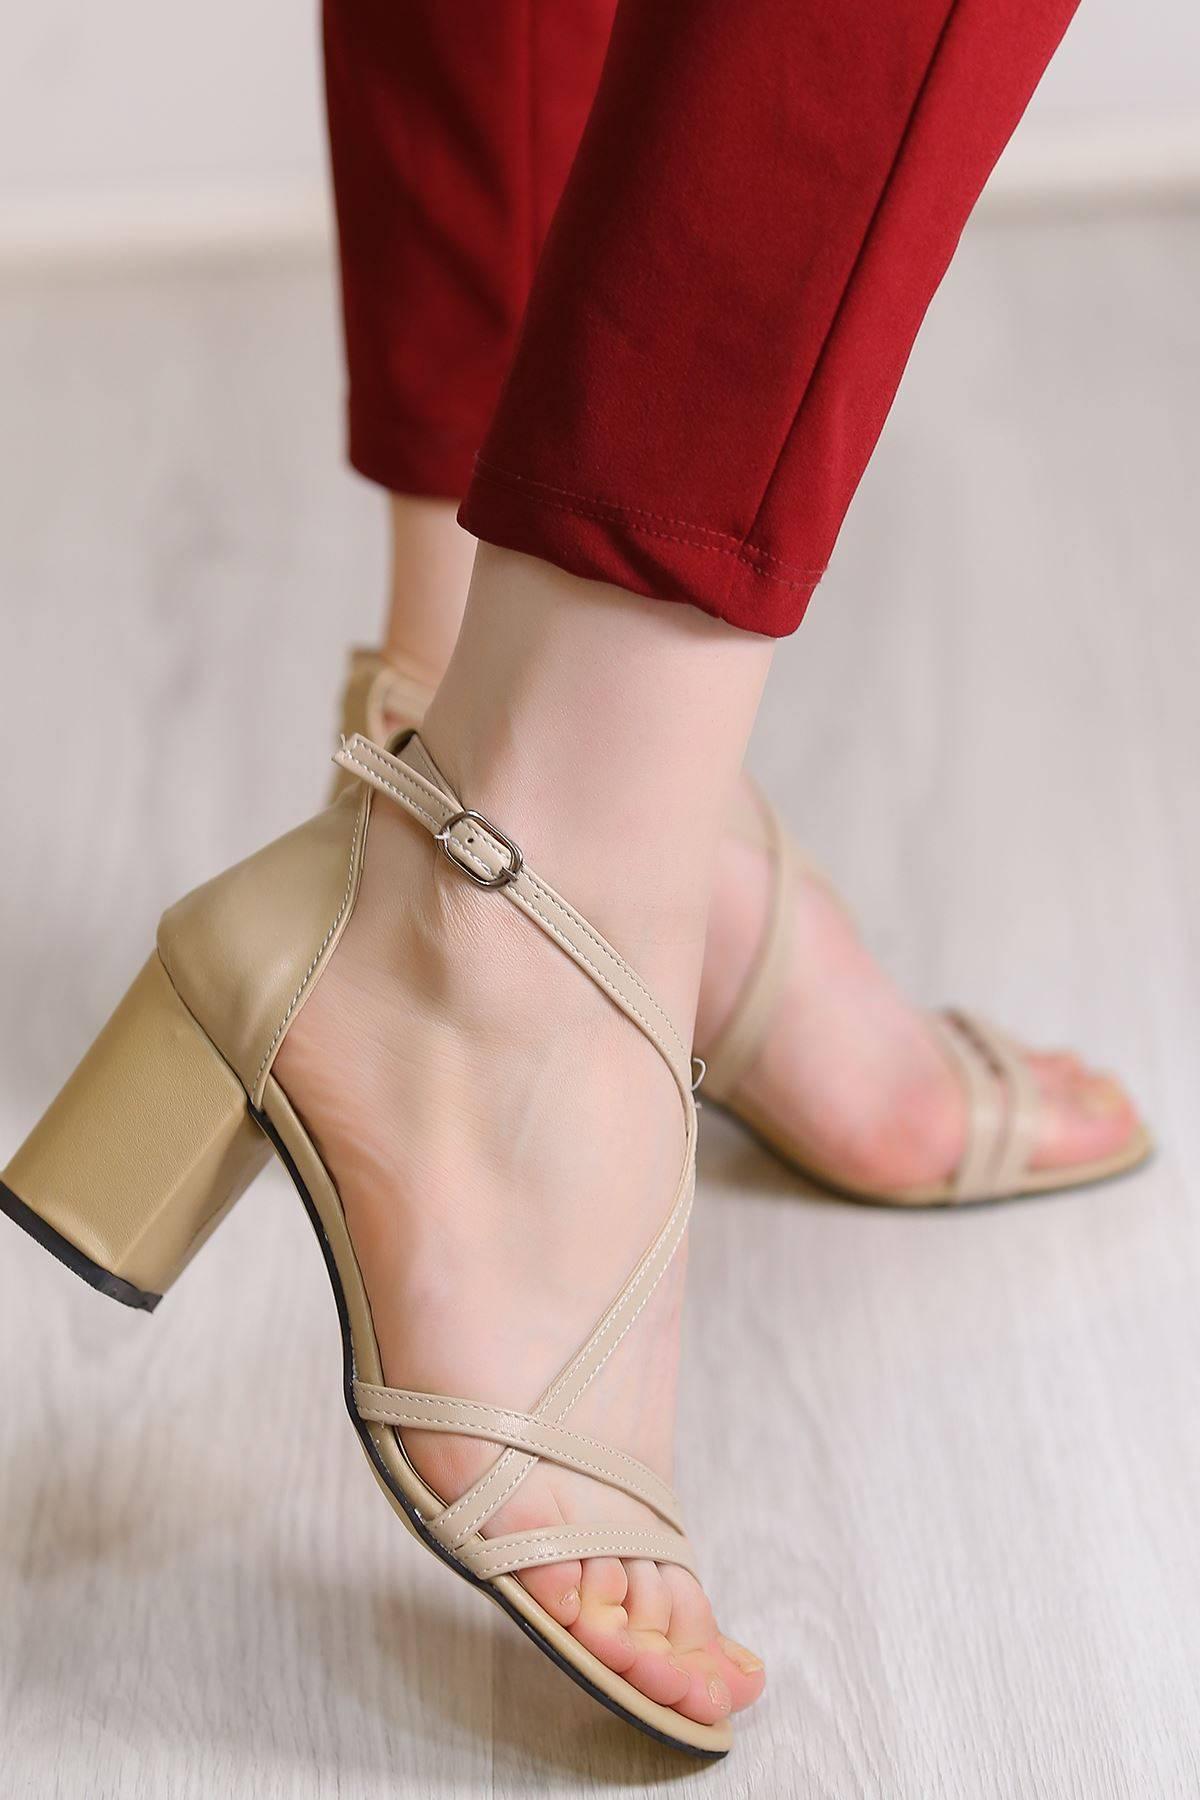 7 Cm Topulu Ayakkabı Ten - 5786.264.